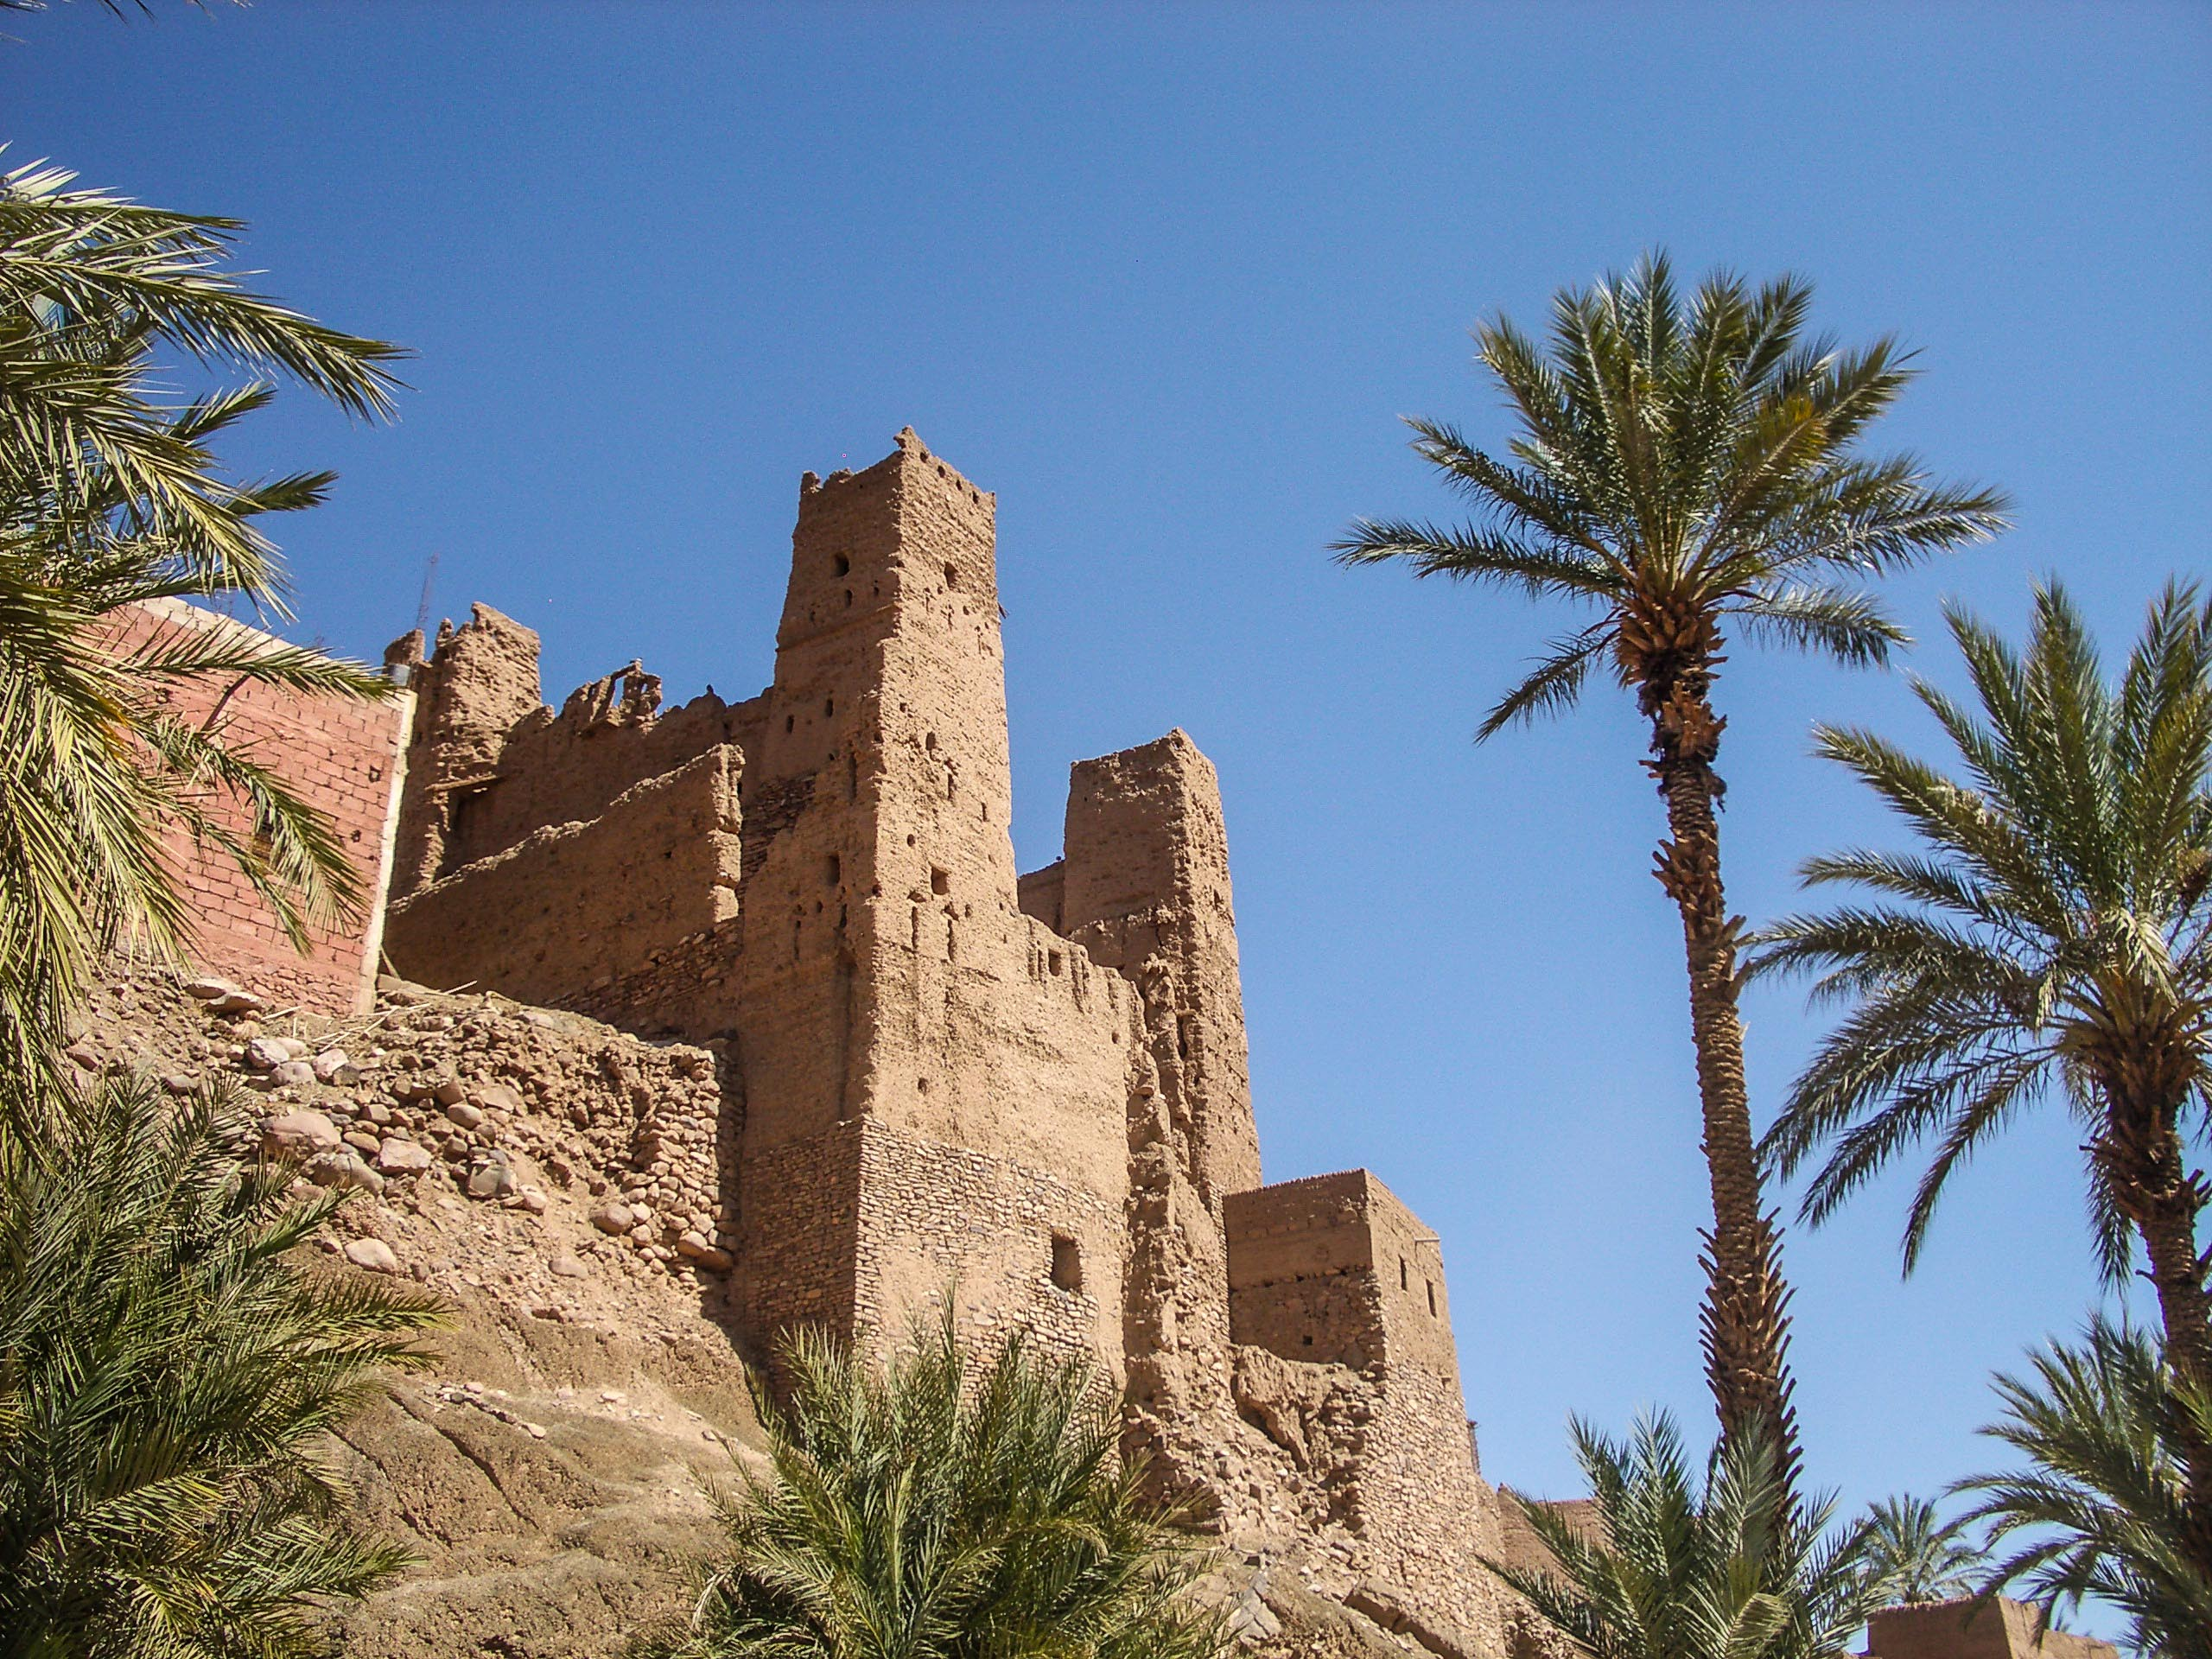 Maroc - vallee du draa, Casbah